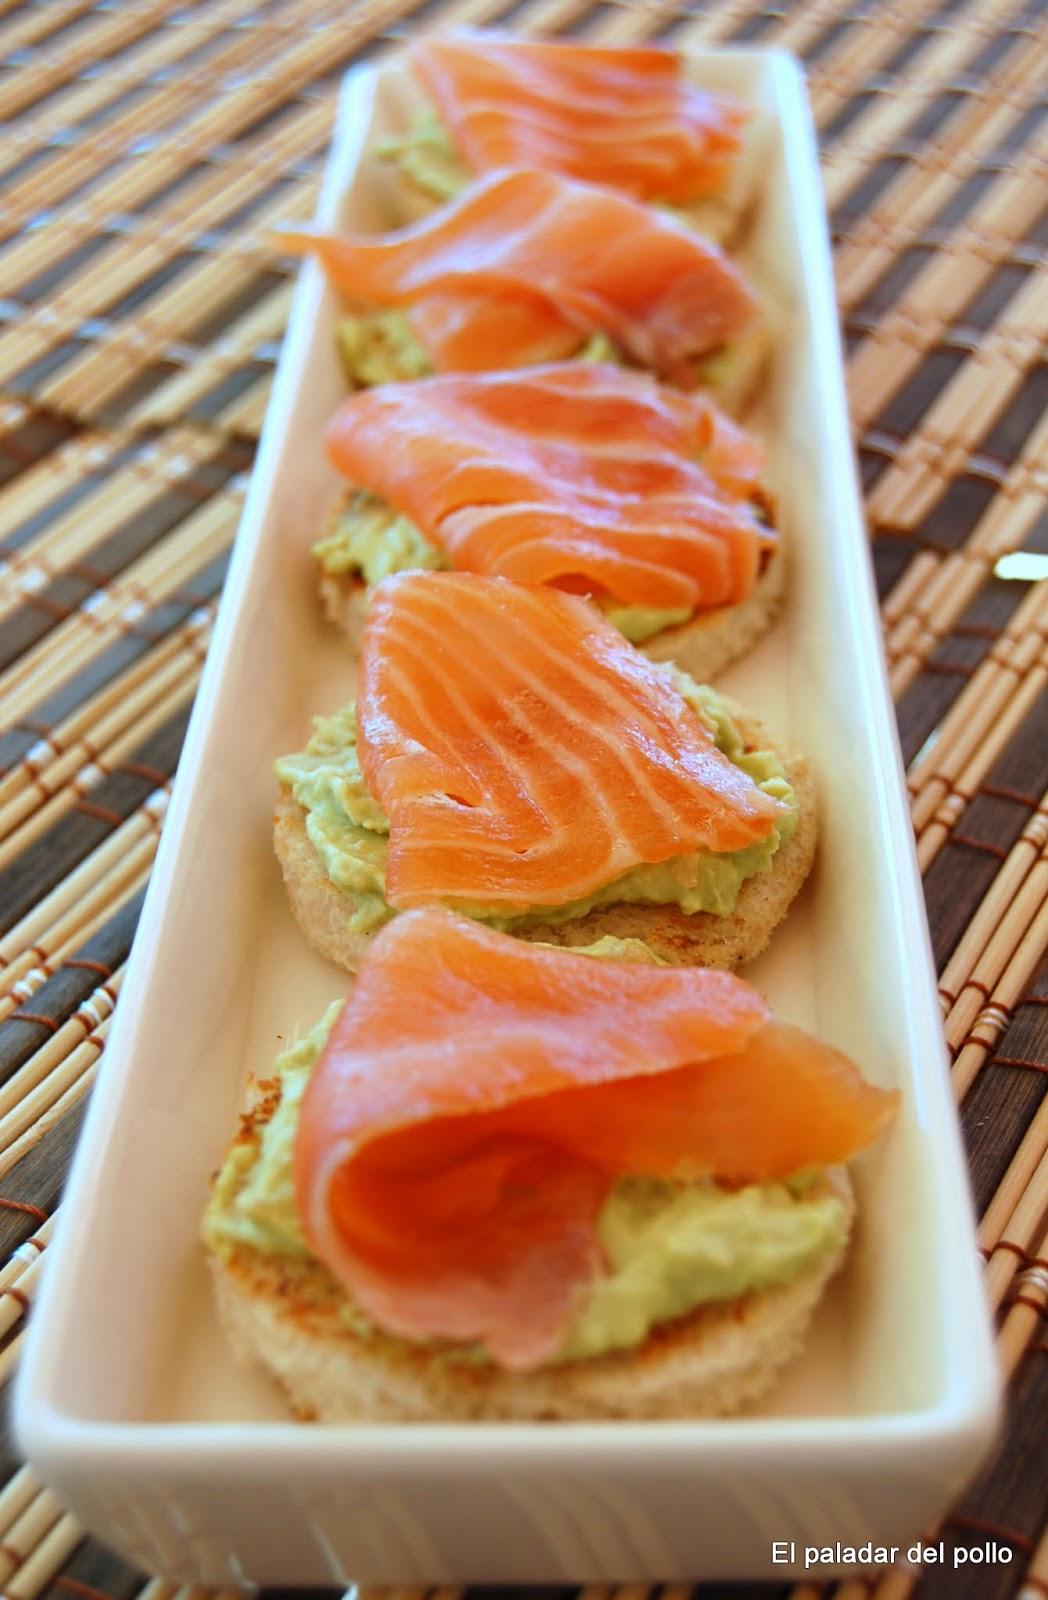 El paladar del pollo canap de pat de habas con salm n for Canape de salmon ahumado